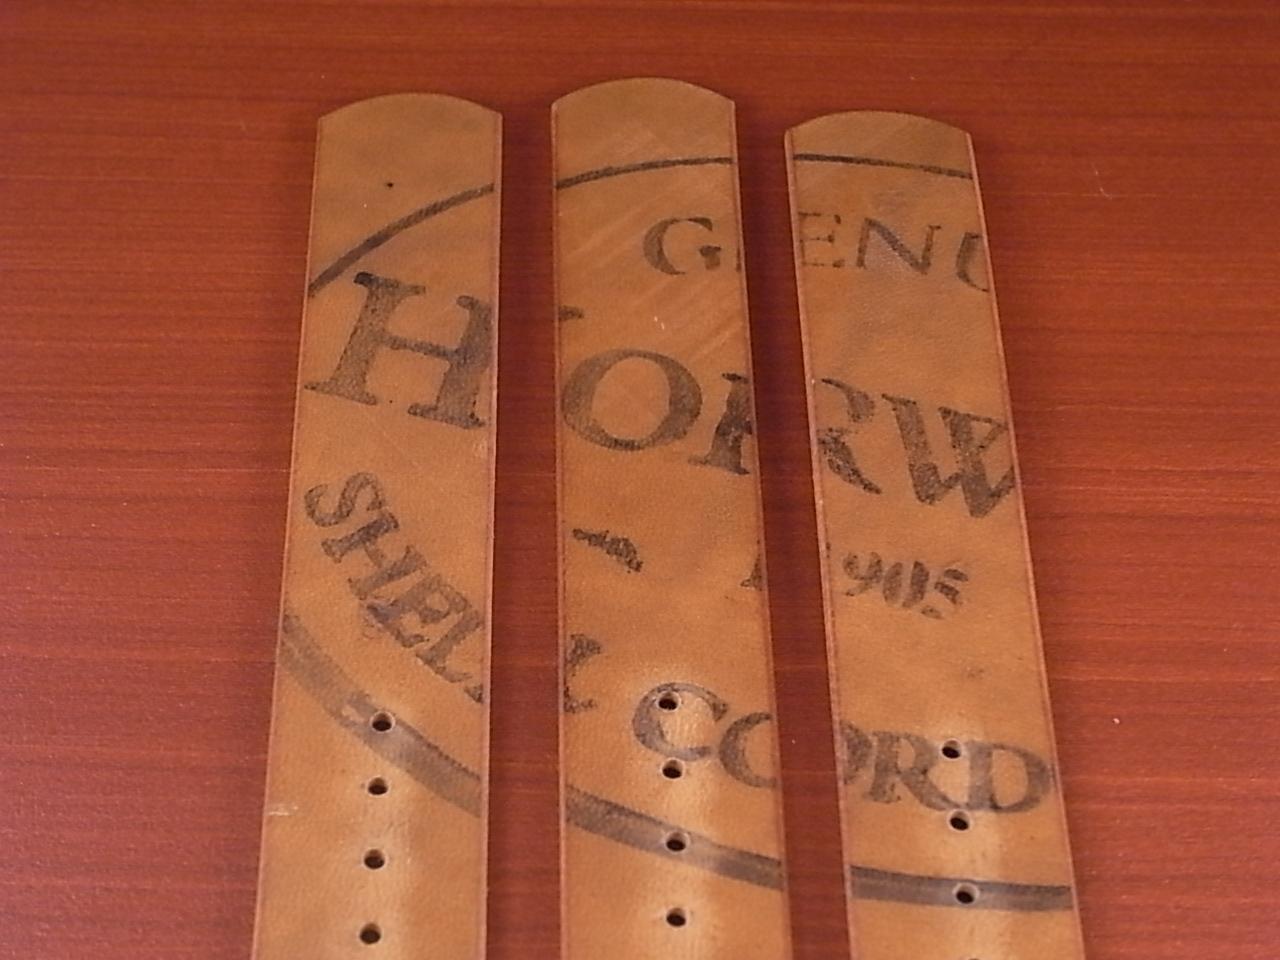 ホーウィン コードバン 引き通し革ベルト ウィスキー 17~24mm 受注生産の写真6枚目